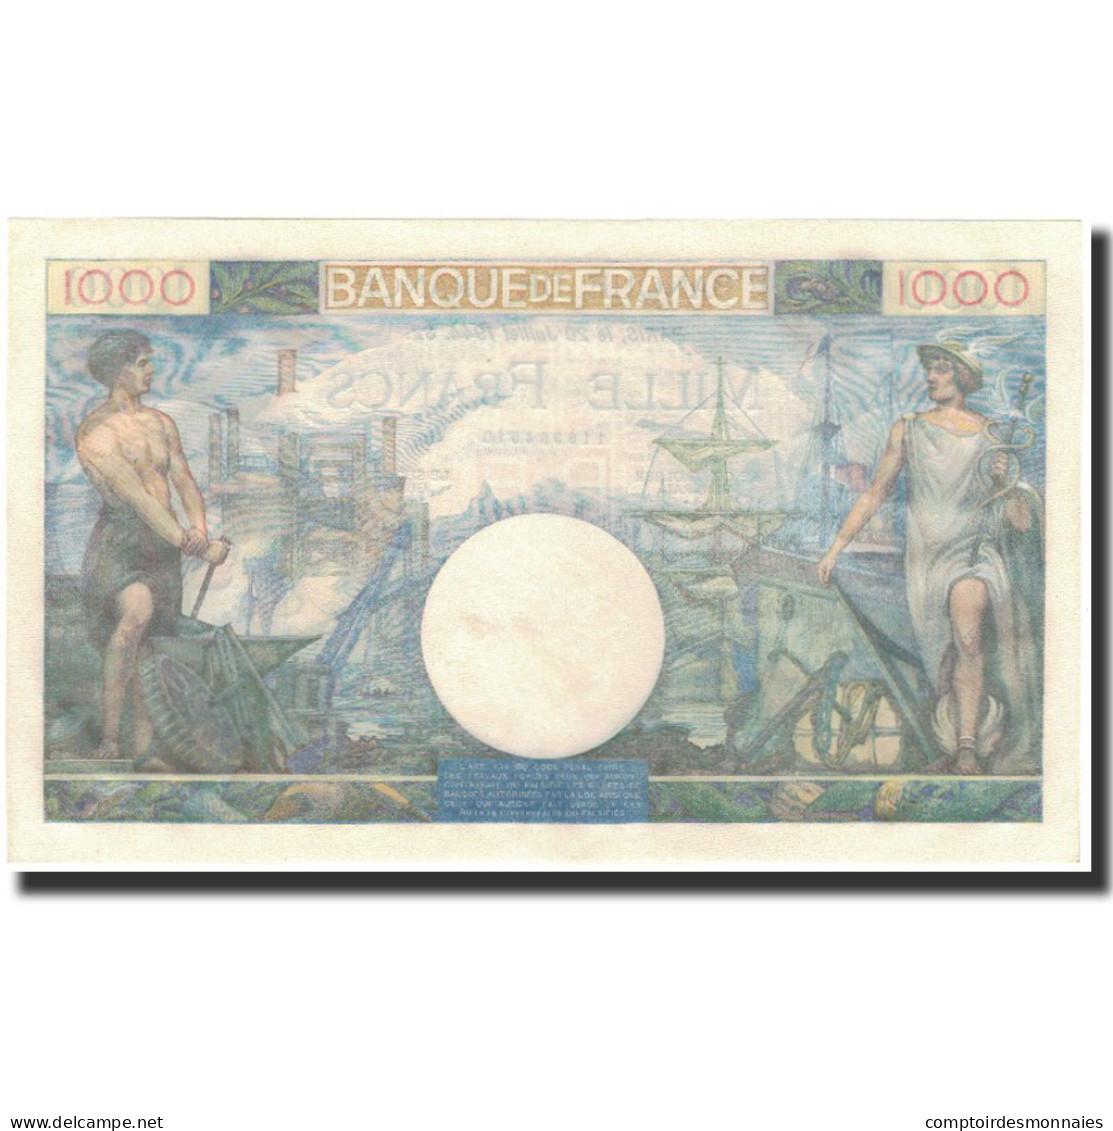 France, 1000 Francs, 1 000 F 1940-1944 ''Commerce Et Industrie'', 1944-07-20 - 1 000 F 1940-1944 ''Commerce Et Industrie''